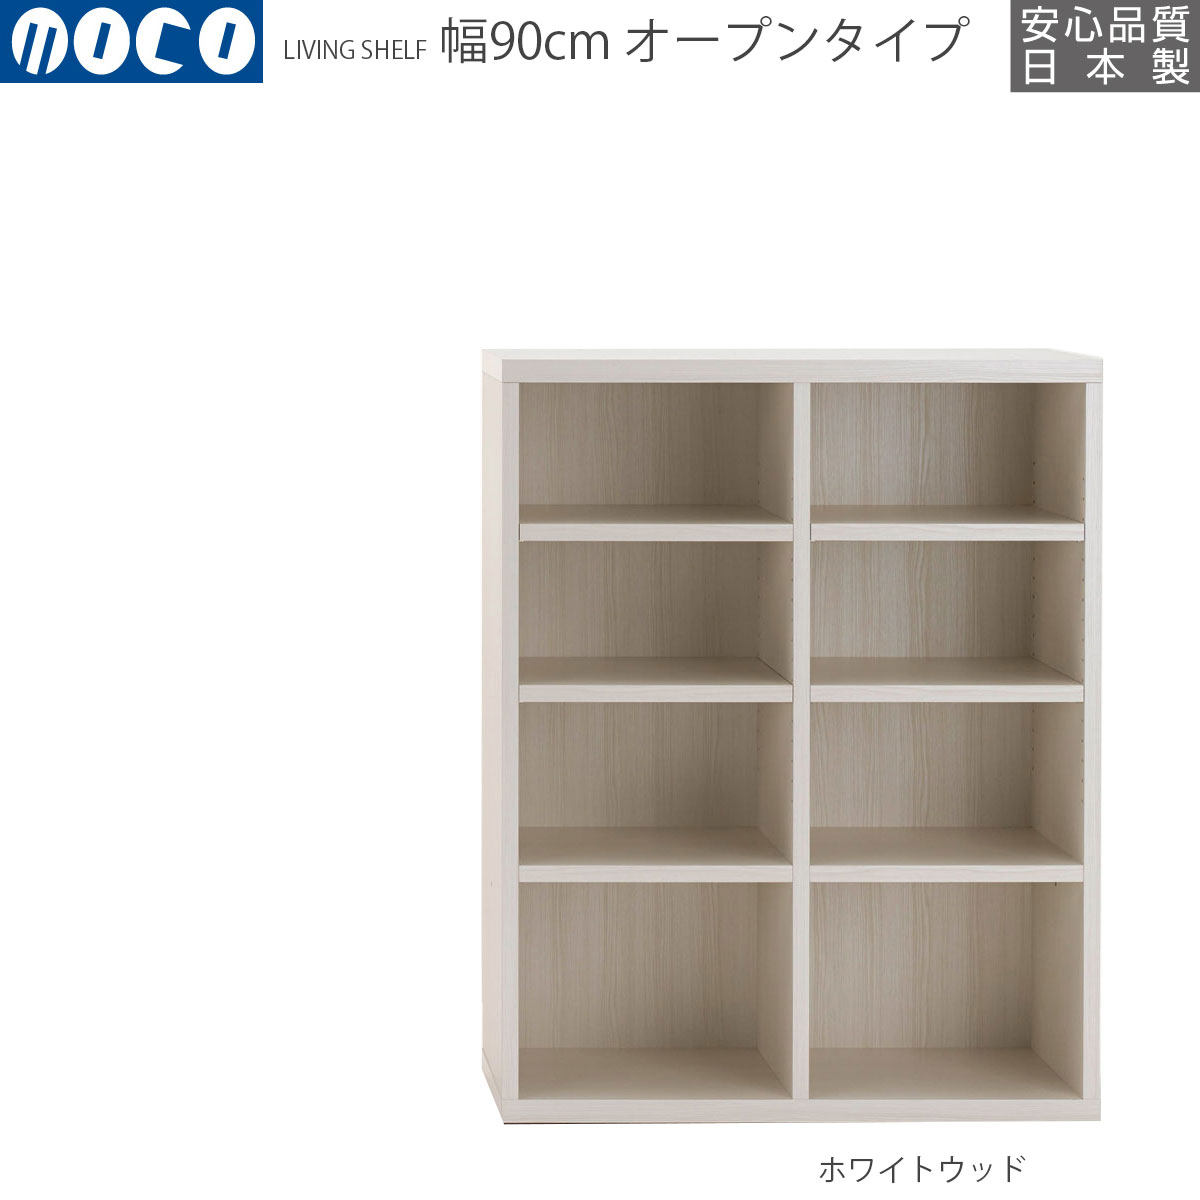 【即納】 フナモコ リビングシェルフ 本棚 完成品 大容量 壁面 薄型 スリム 幅90×高さ113.8cm ホワイトウッド LFS-90 日本製 国産